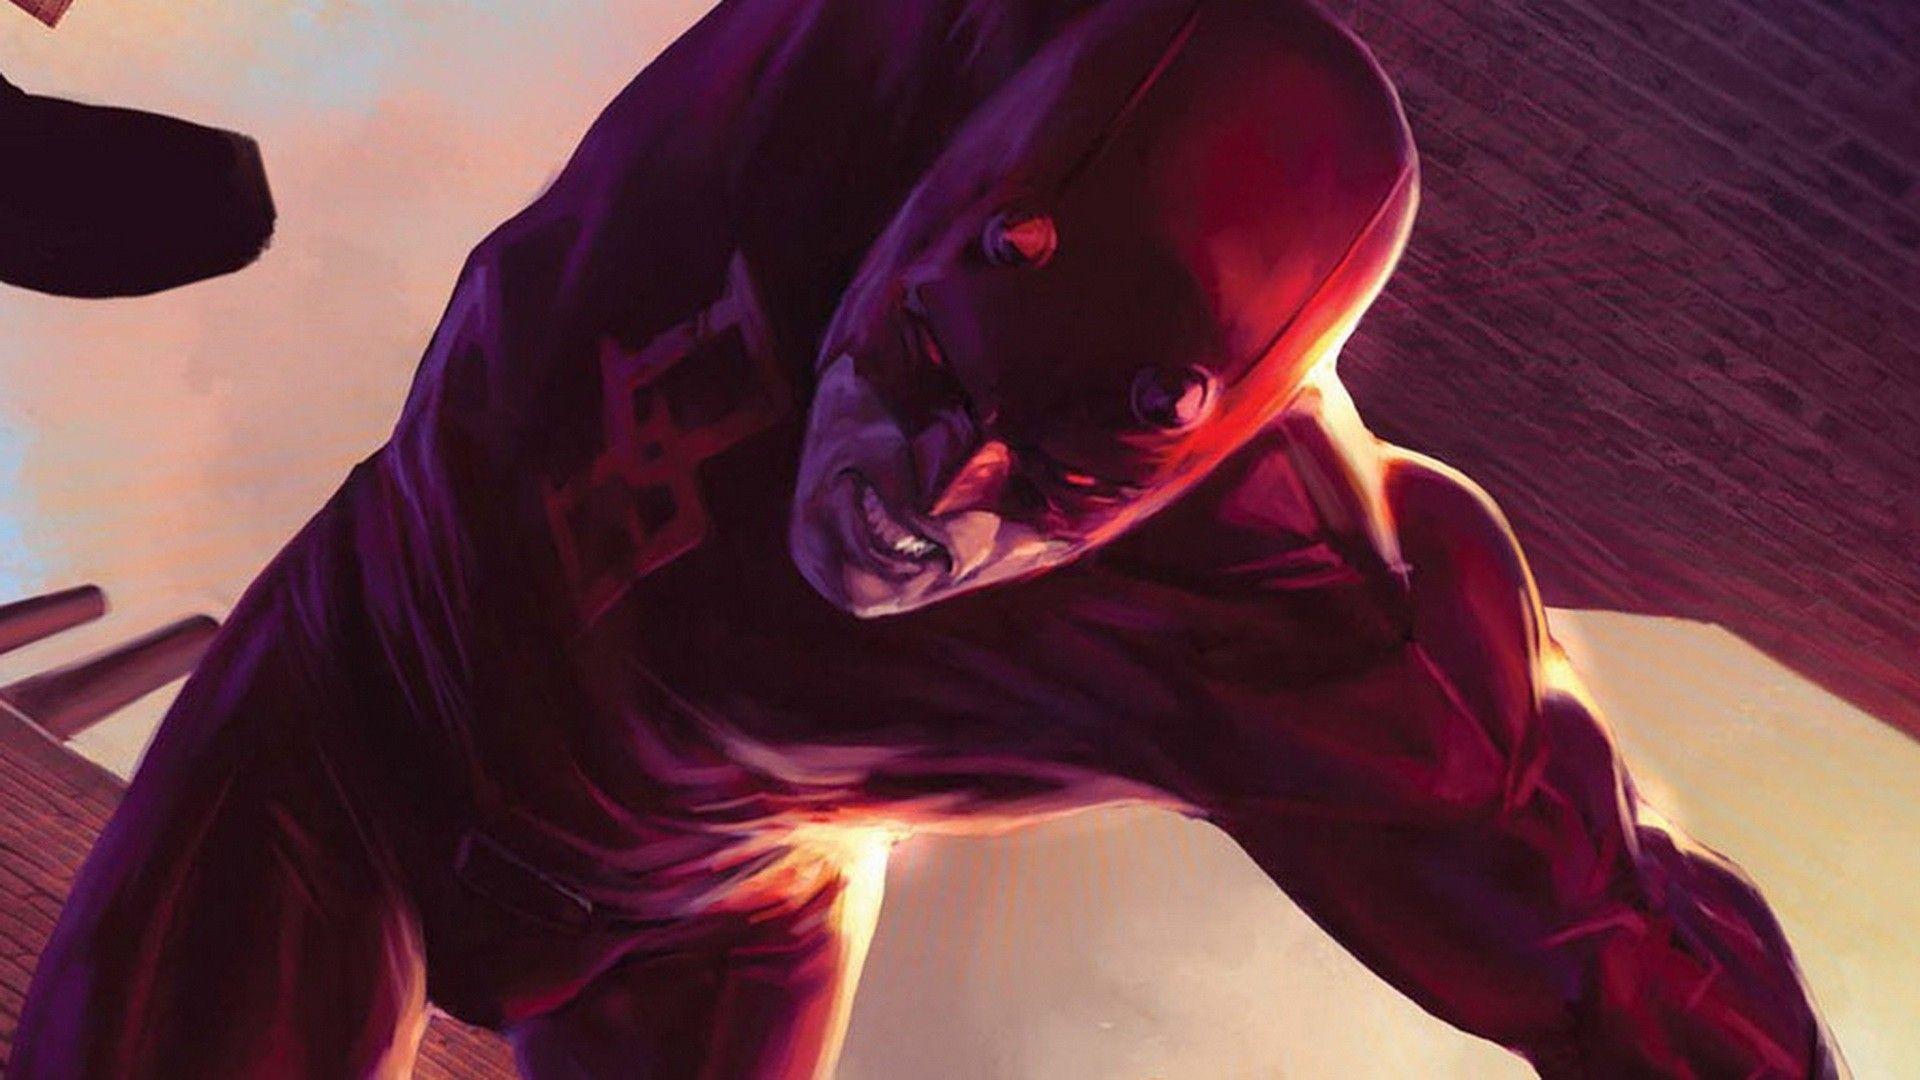 Daredevil Wallpaper for Mac - Comic Wallpapers